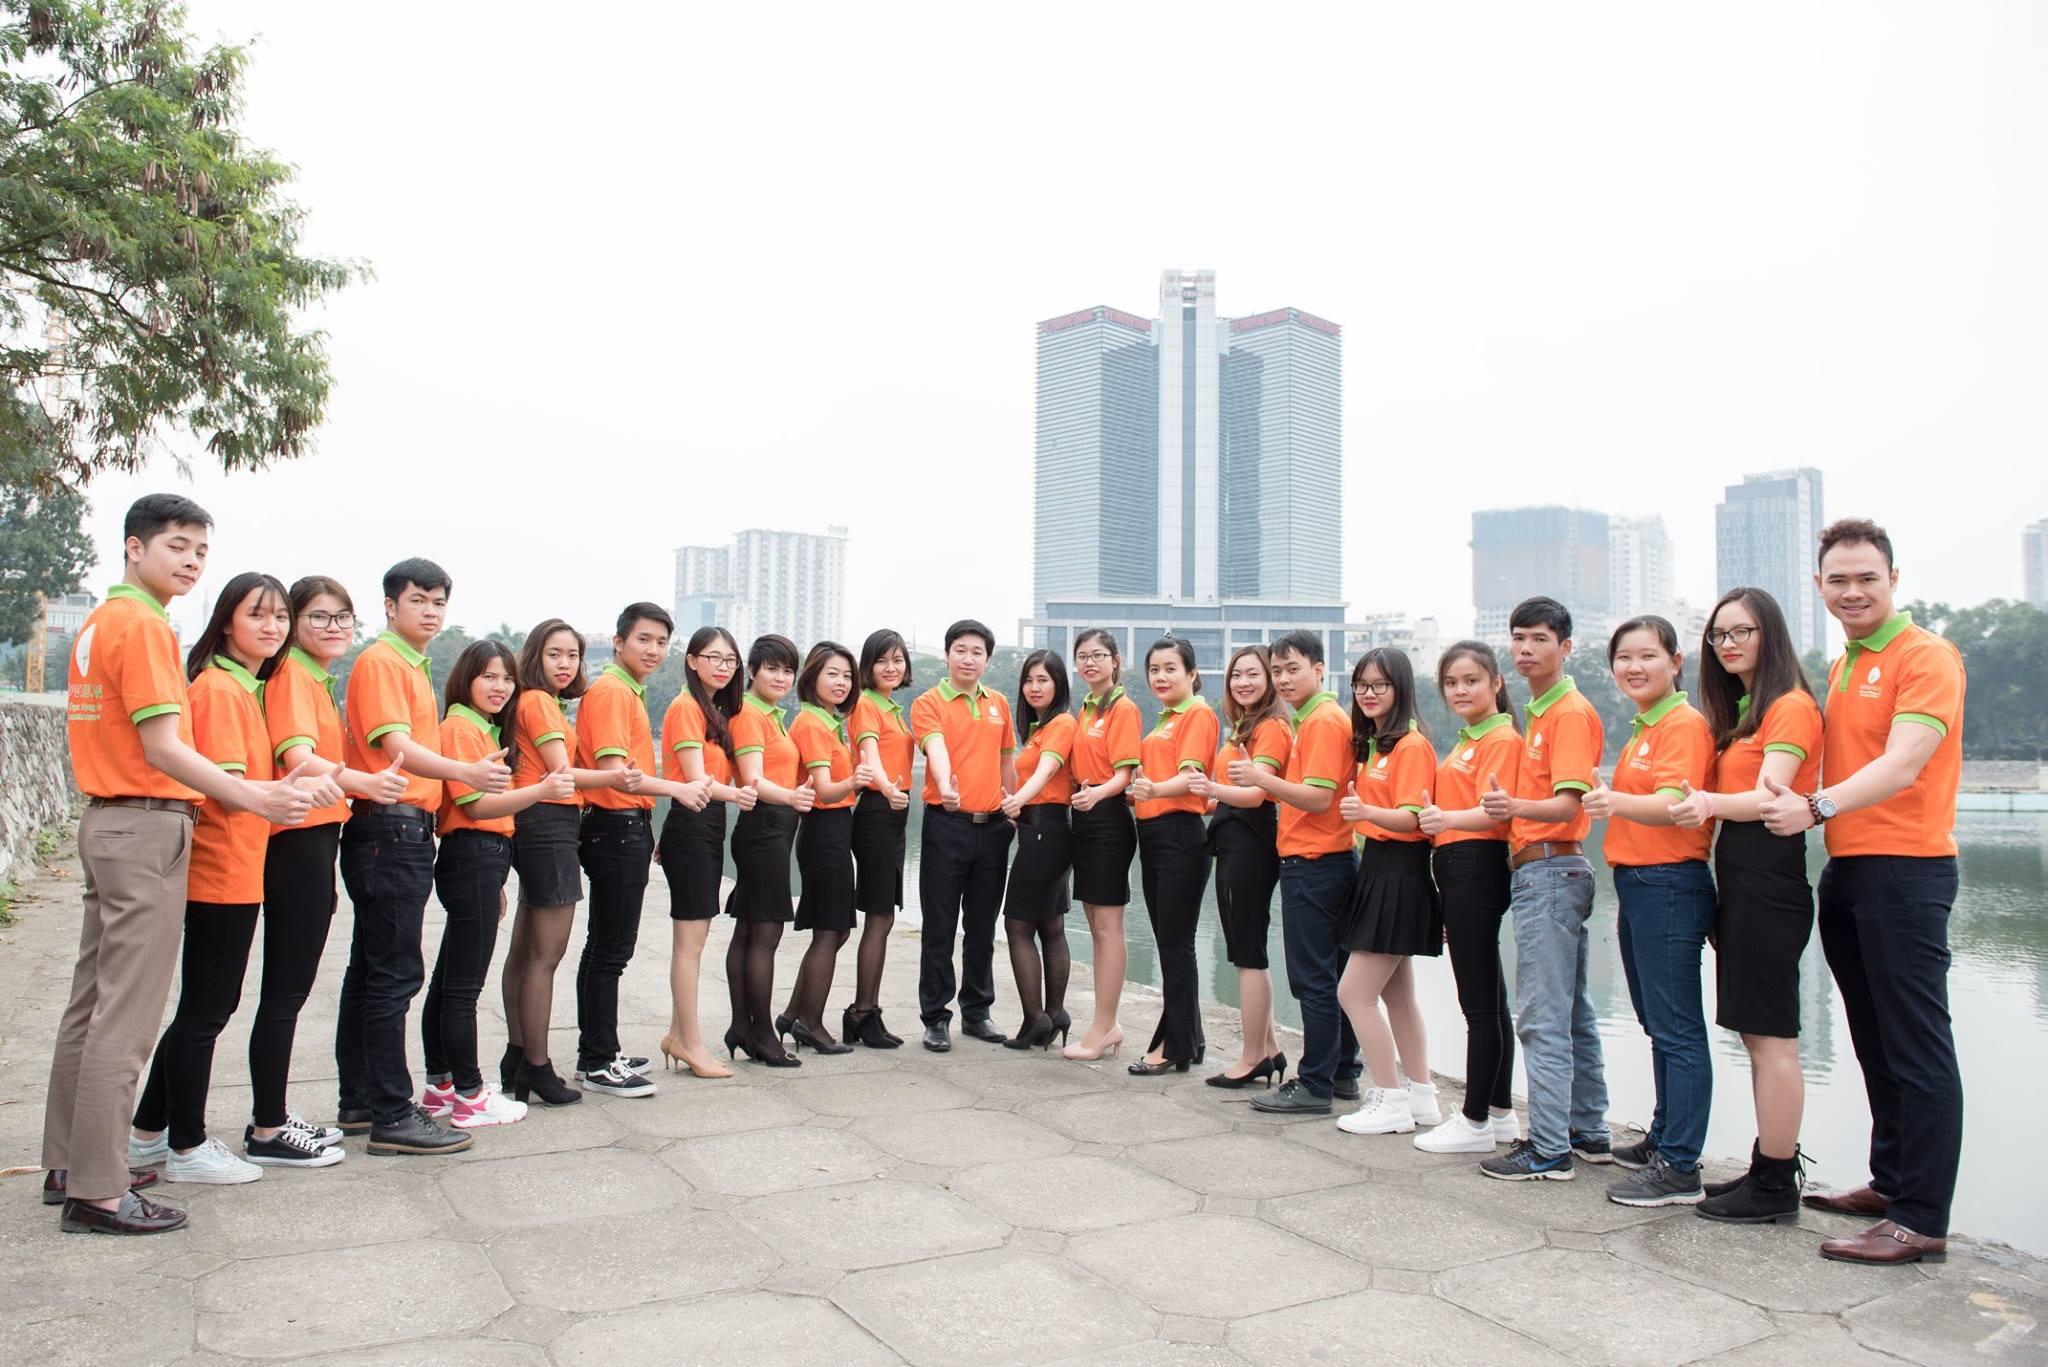 Doanh nhân Đỗ Mạnh Hùng cùng đội ngũ nhân viên Novaedu.